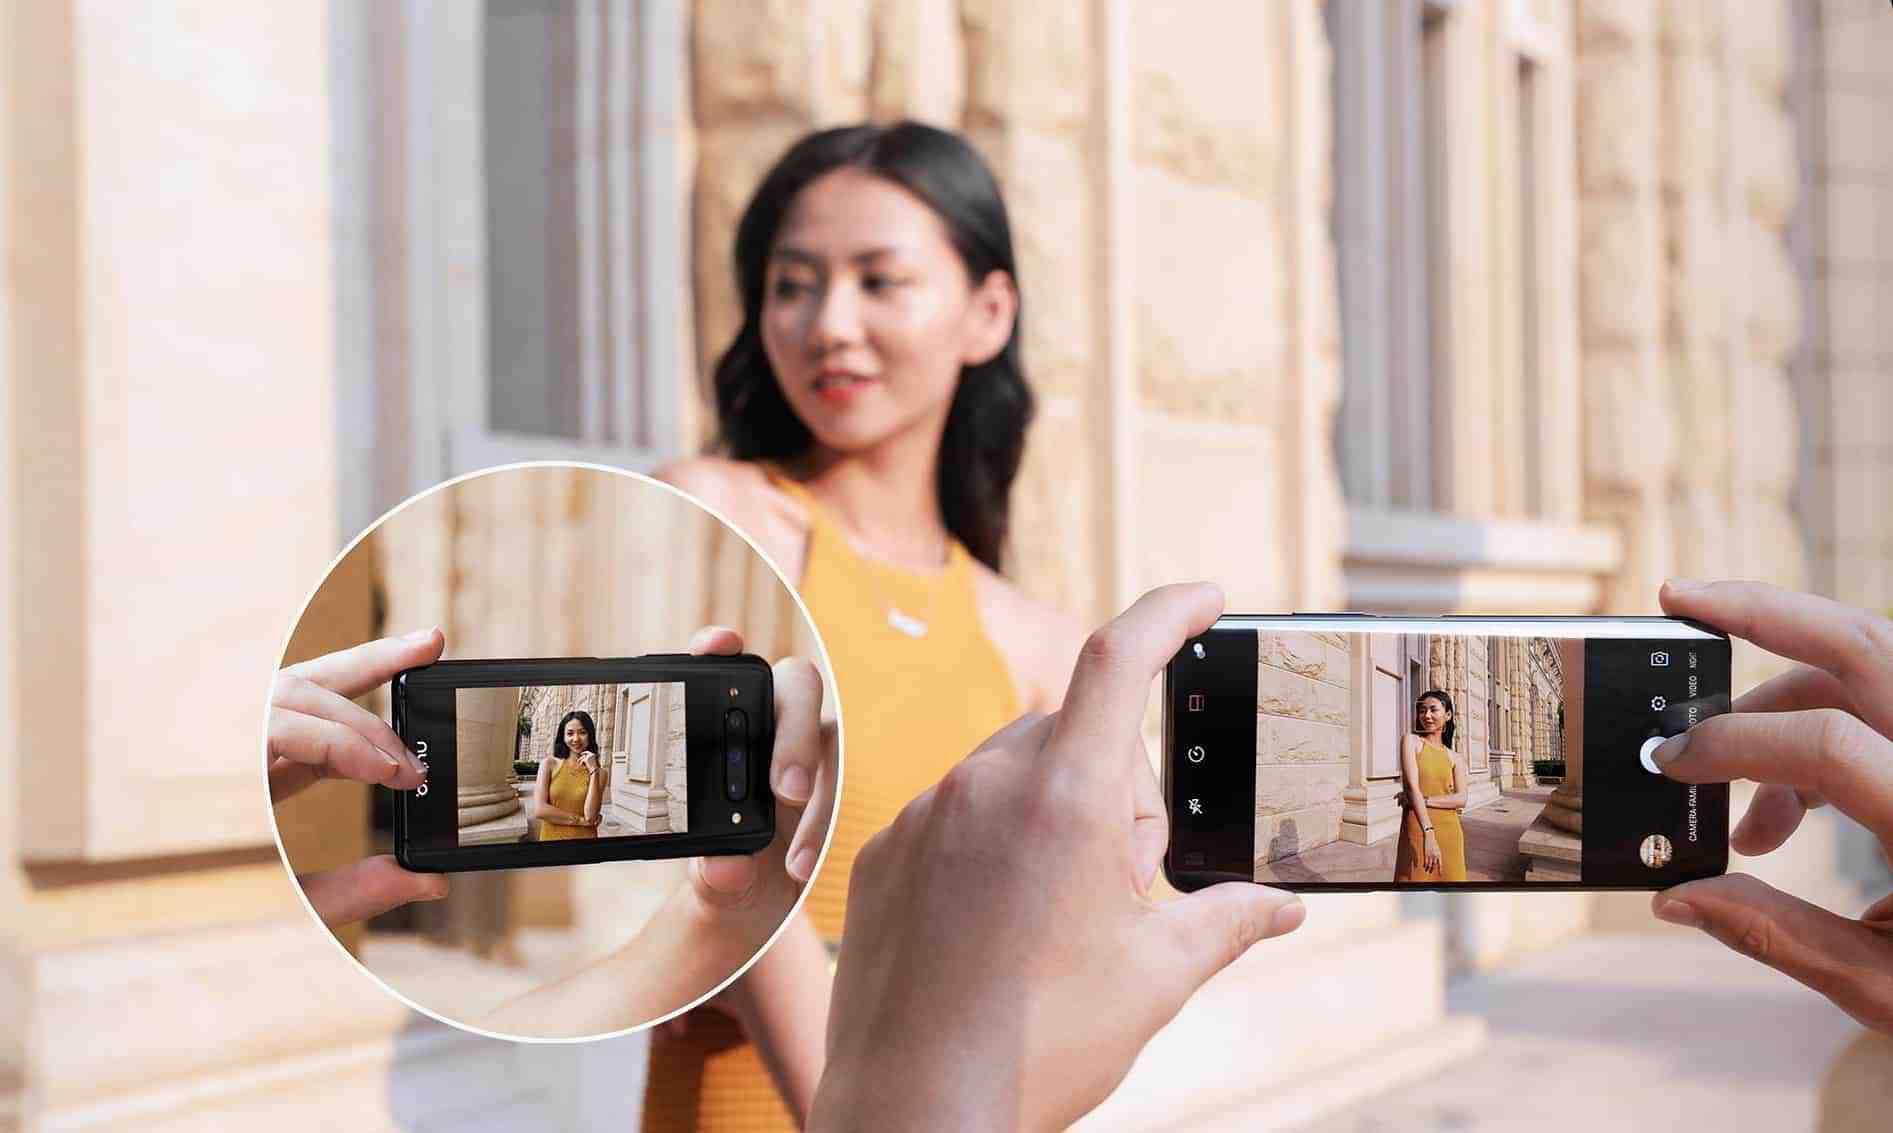 전면 카메라가 장착되지 않은 Z20. 다만, 뒷면 디스플레이로 앞면과 같이 활용이 가능하다